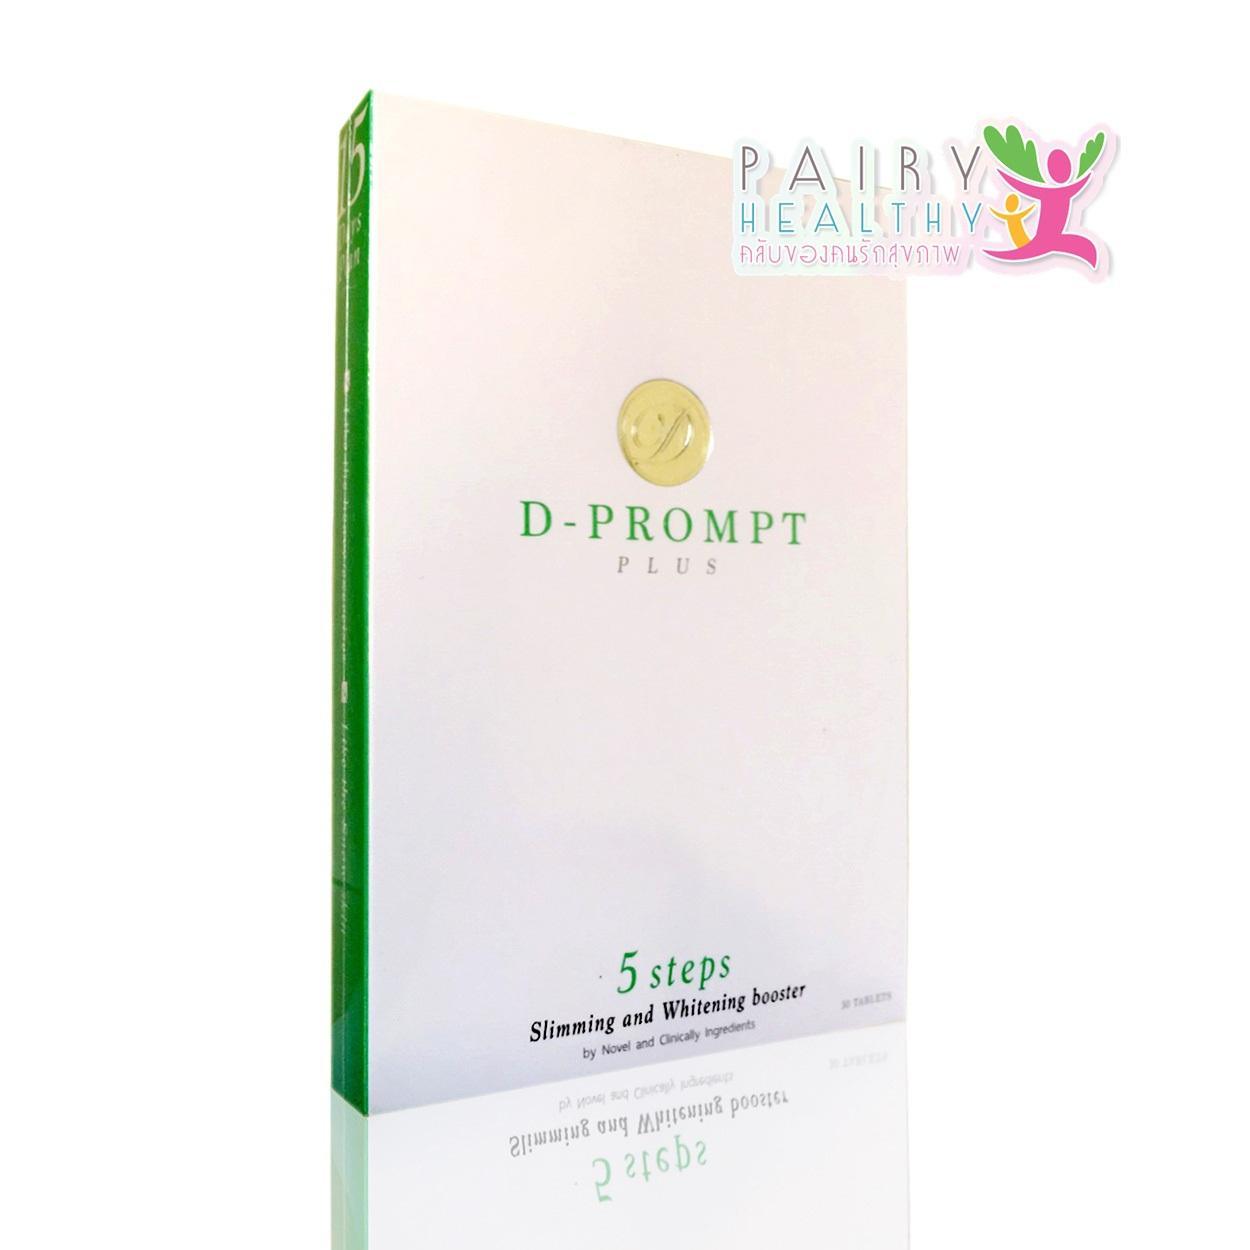 D-Prompt (ดี-พร้อมท์) ผลิตภัณฑ์เสริมอาหารควบคุมน้ำหนัก โดยคุณโบ TK (แพคเกตใหม่!!) ส่งฟรี ลทบ.